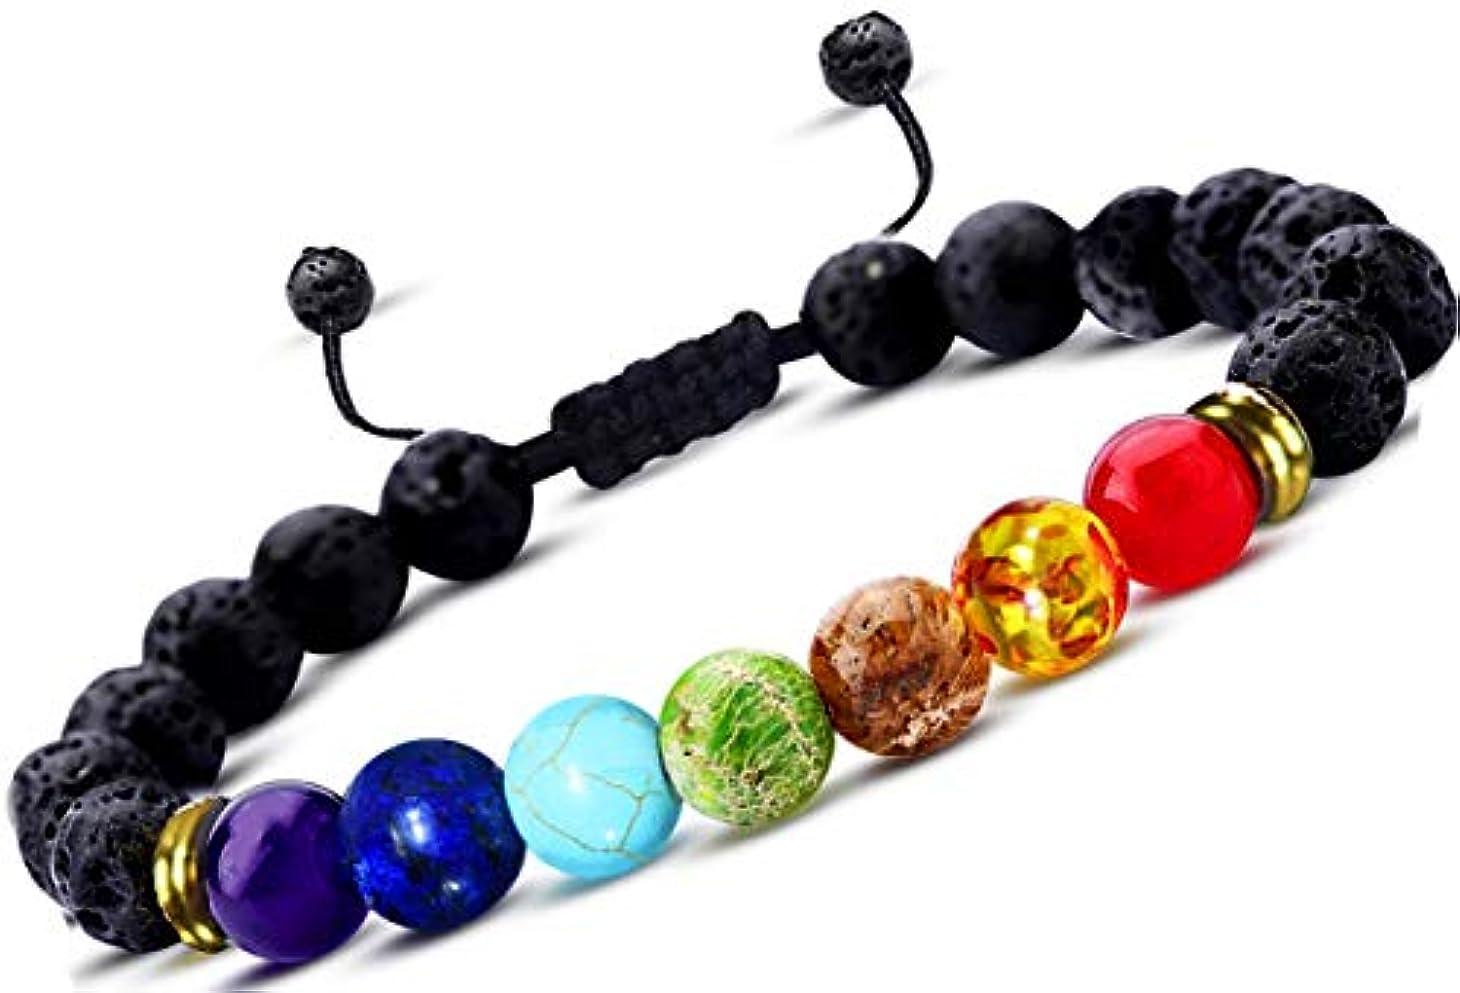 仕方イデオロギーポジティブEssential Oil Diffuser bracelet- 7チャクラLava Stone bracelet-アロマセラピーChakra bracelet- Just Add Oil to Lava Stones